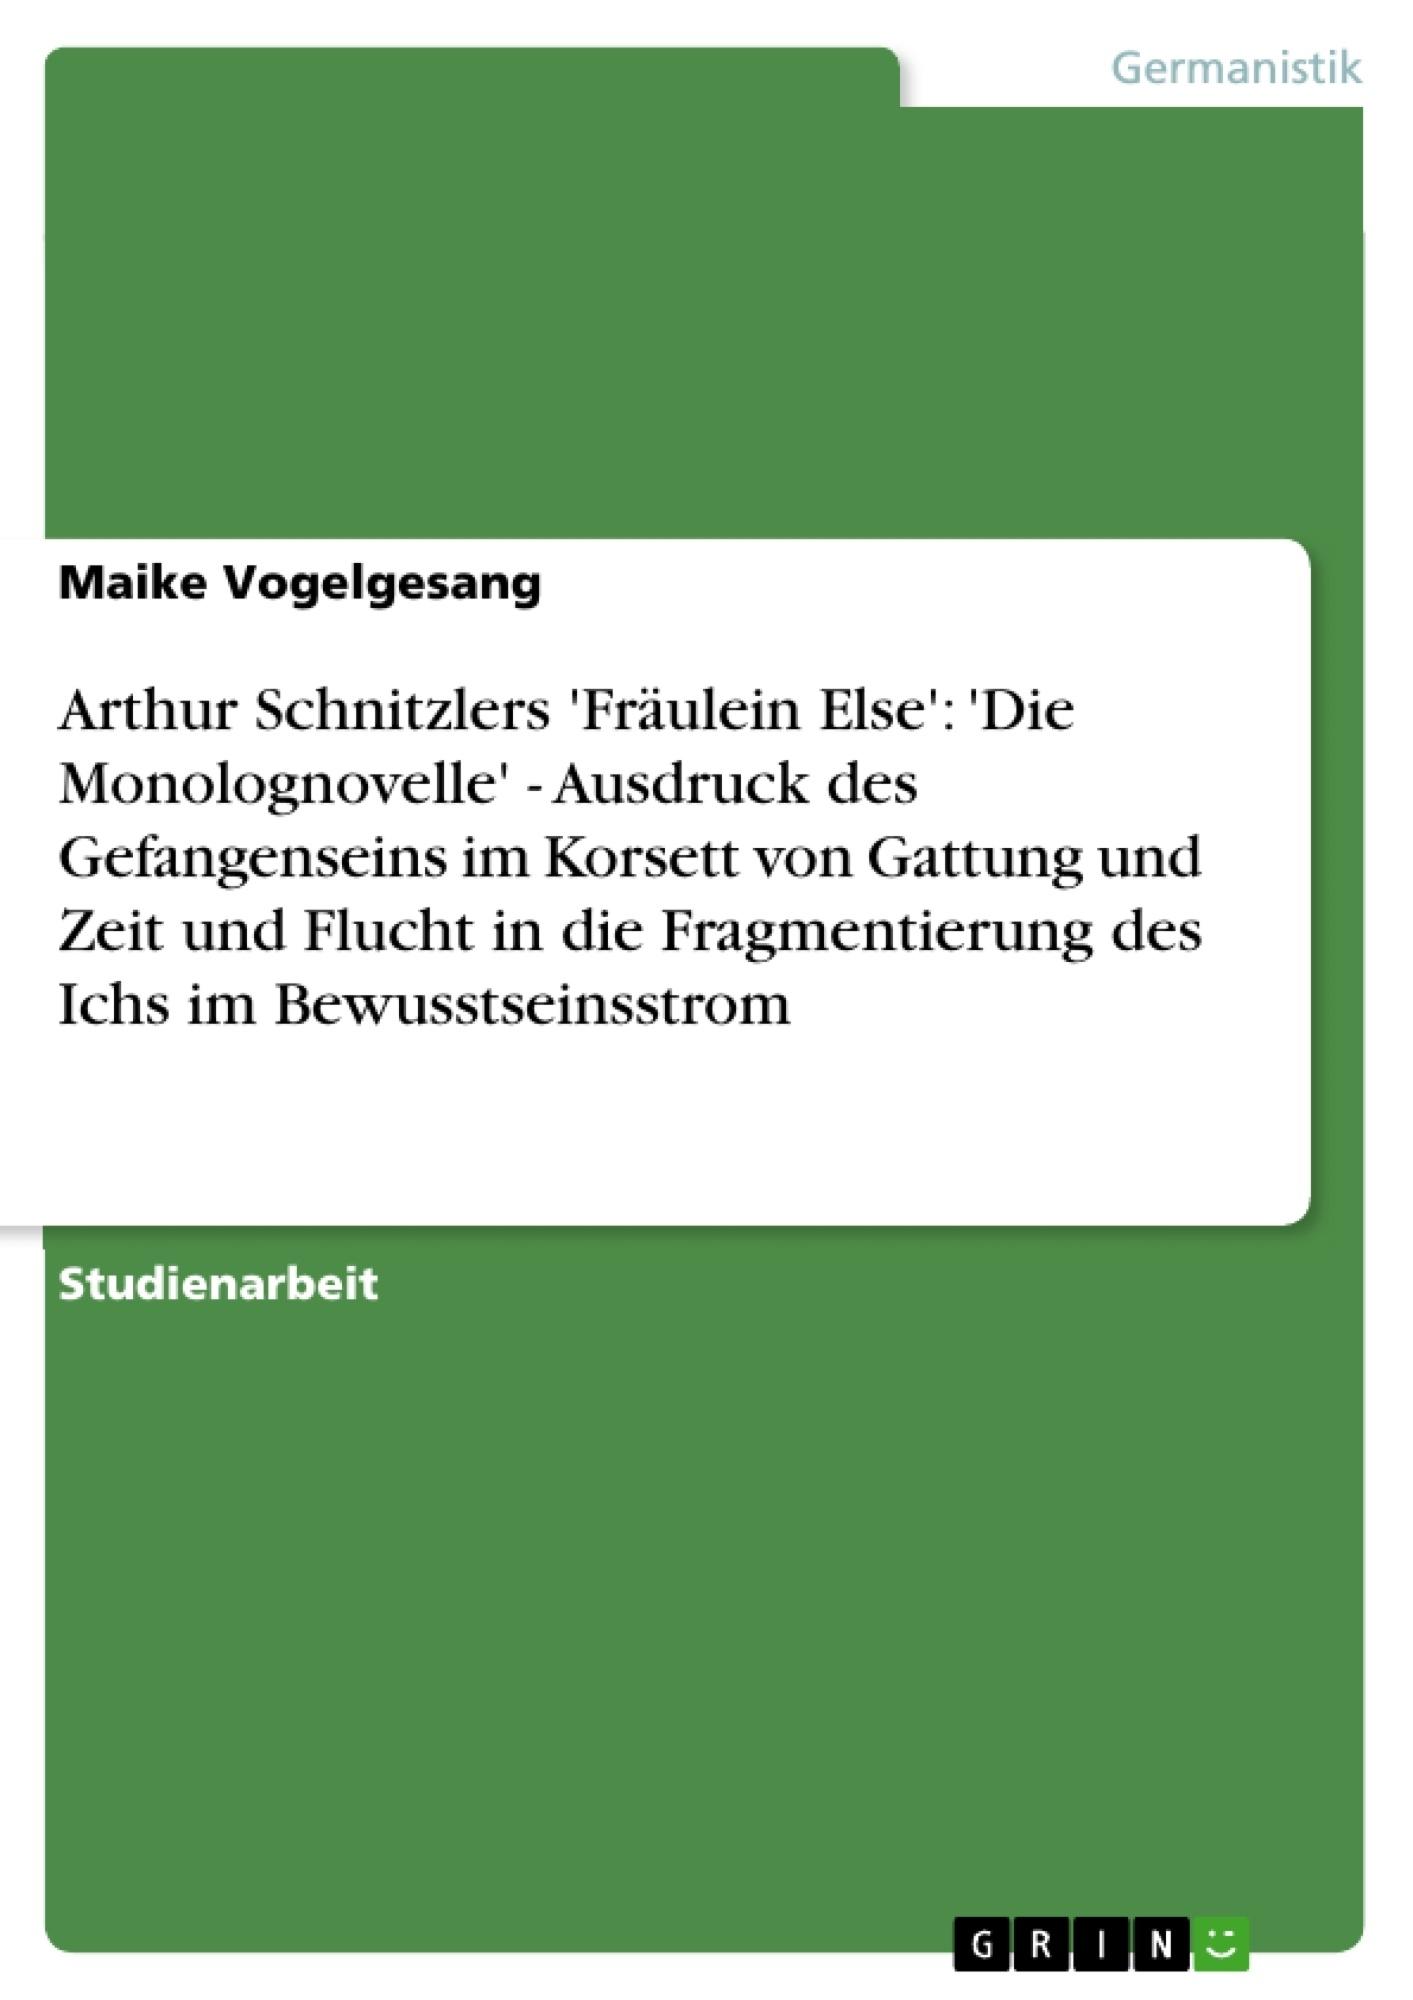 Titel: Arthur Schnitzlers 'Fräulein Else': 'Die Monolognovelle' - Ausdruck des Gefangenseins im Korsett von Gattung und Zeit und Flucht in die Fragmentierung des Ichs im Bewusstseinsstrom